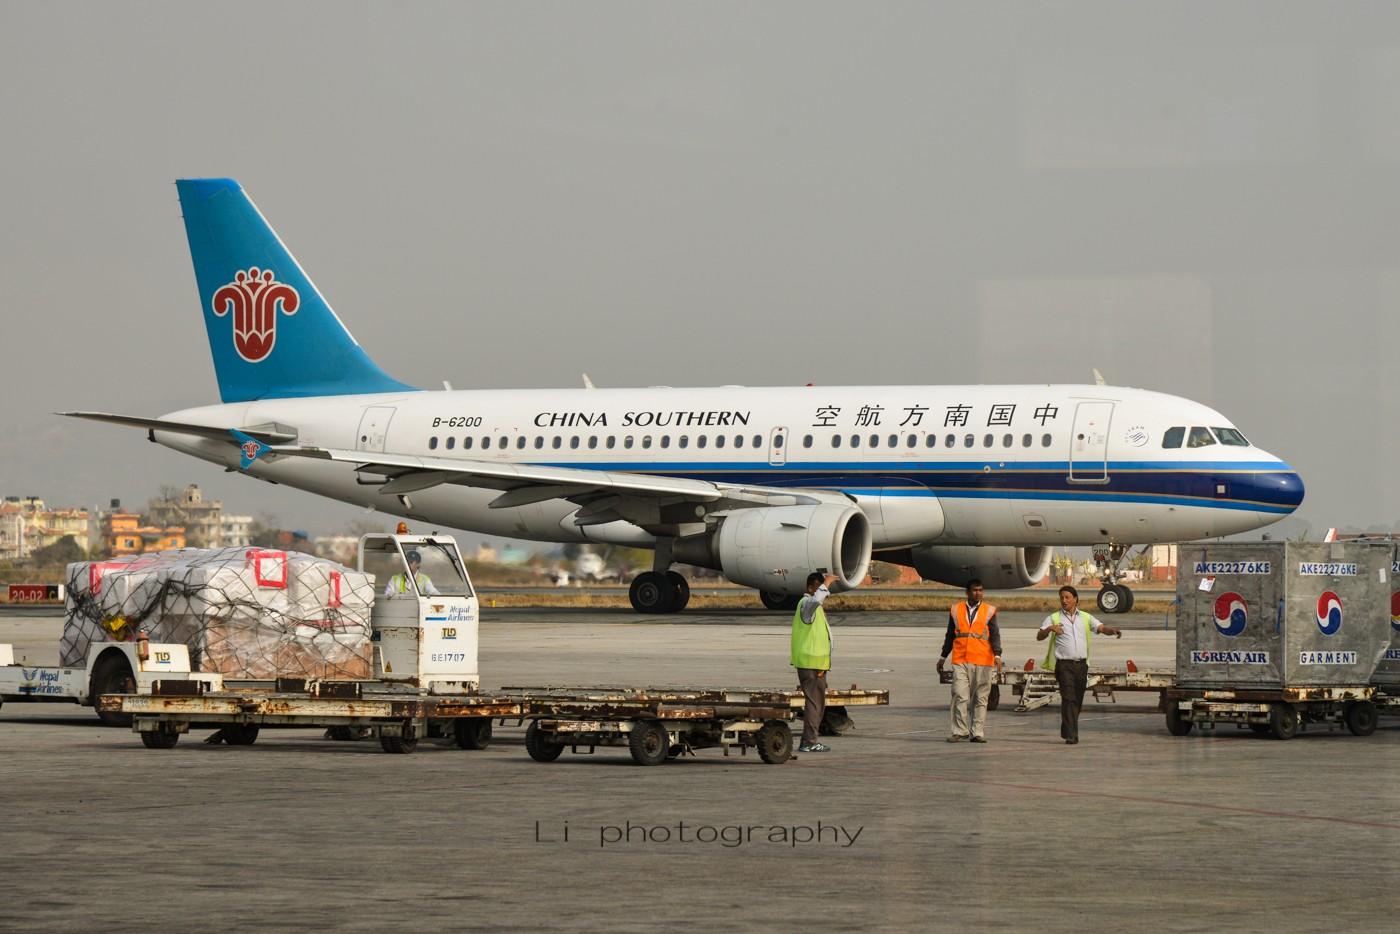 [原创]尼泊尔拍机第一发——加德满都机场,各种奇货乱入~ AIRBUS A319-100 B-6200 尼泊尔加德满都机场